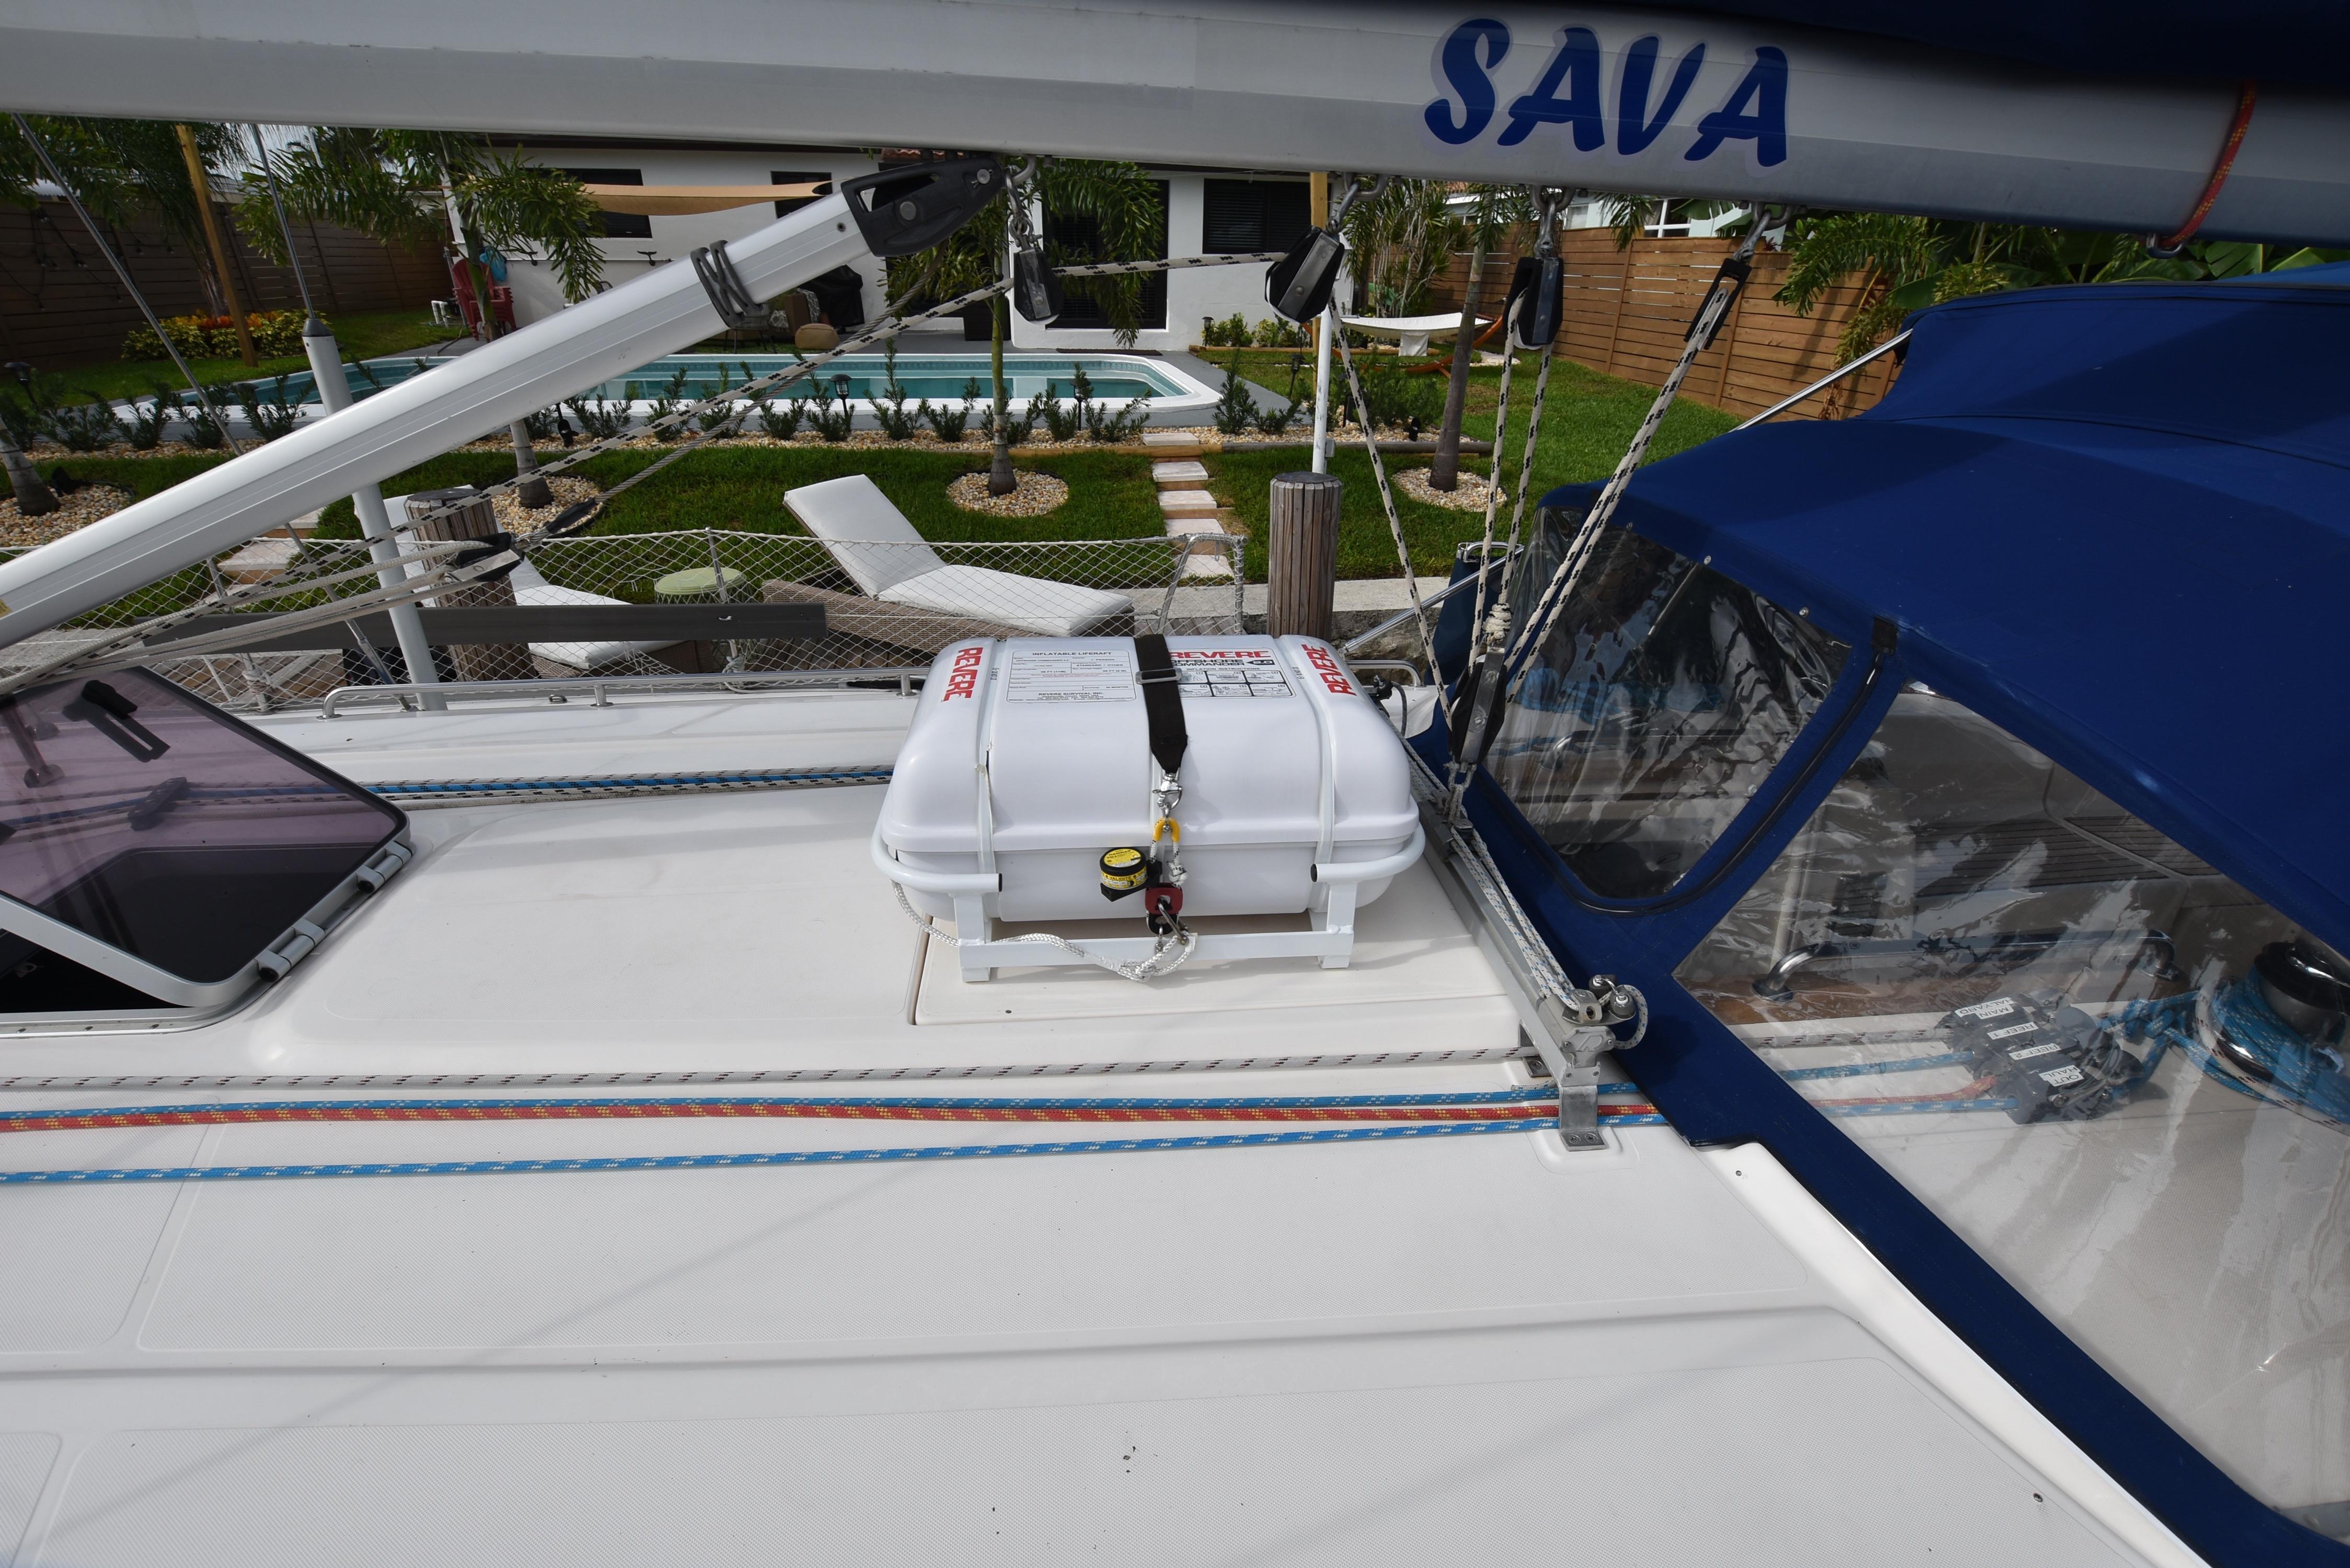 46 Bavaria 4 person life raft